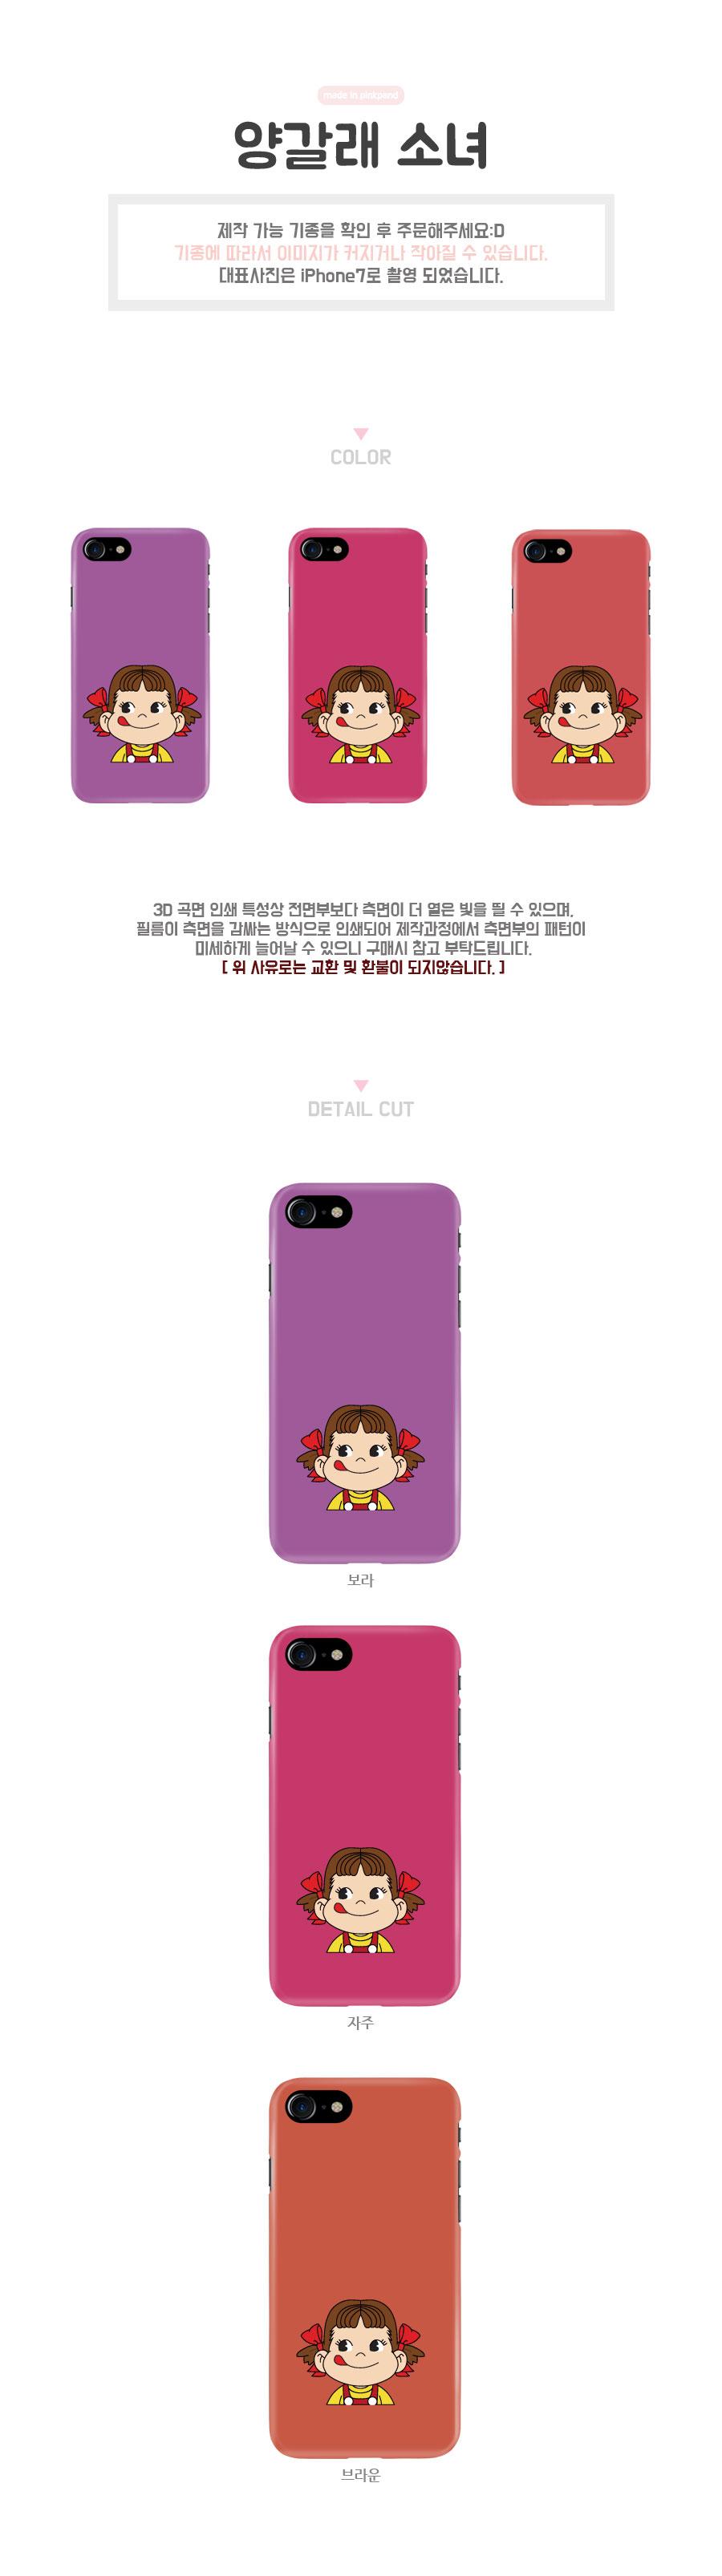 case_ba19.jpg